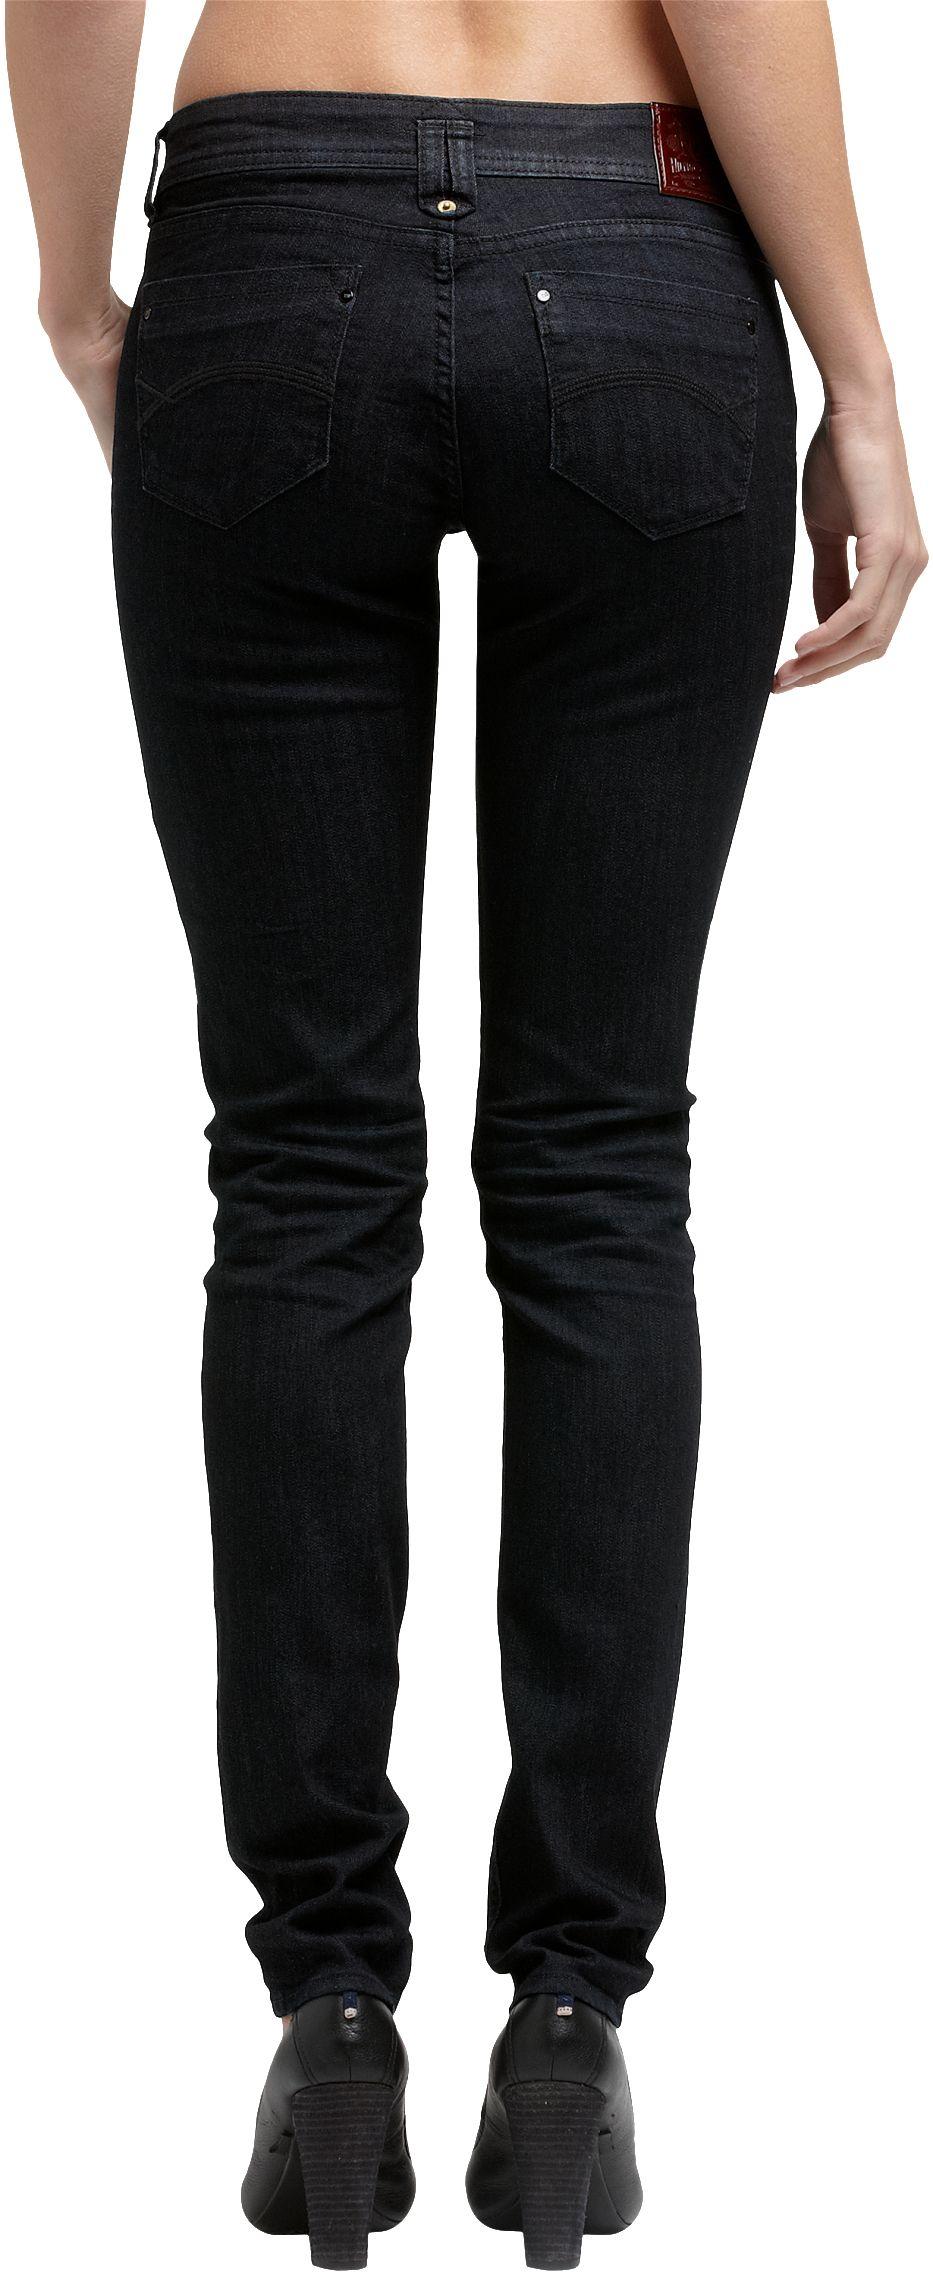 tommy hilfiger natalie skinny jean in black lyst. Black Bedroom Furniture Sets. Home Design Ideas